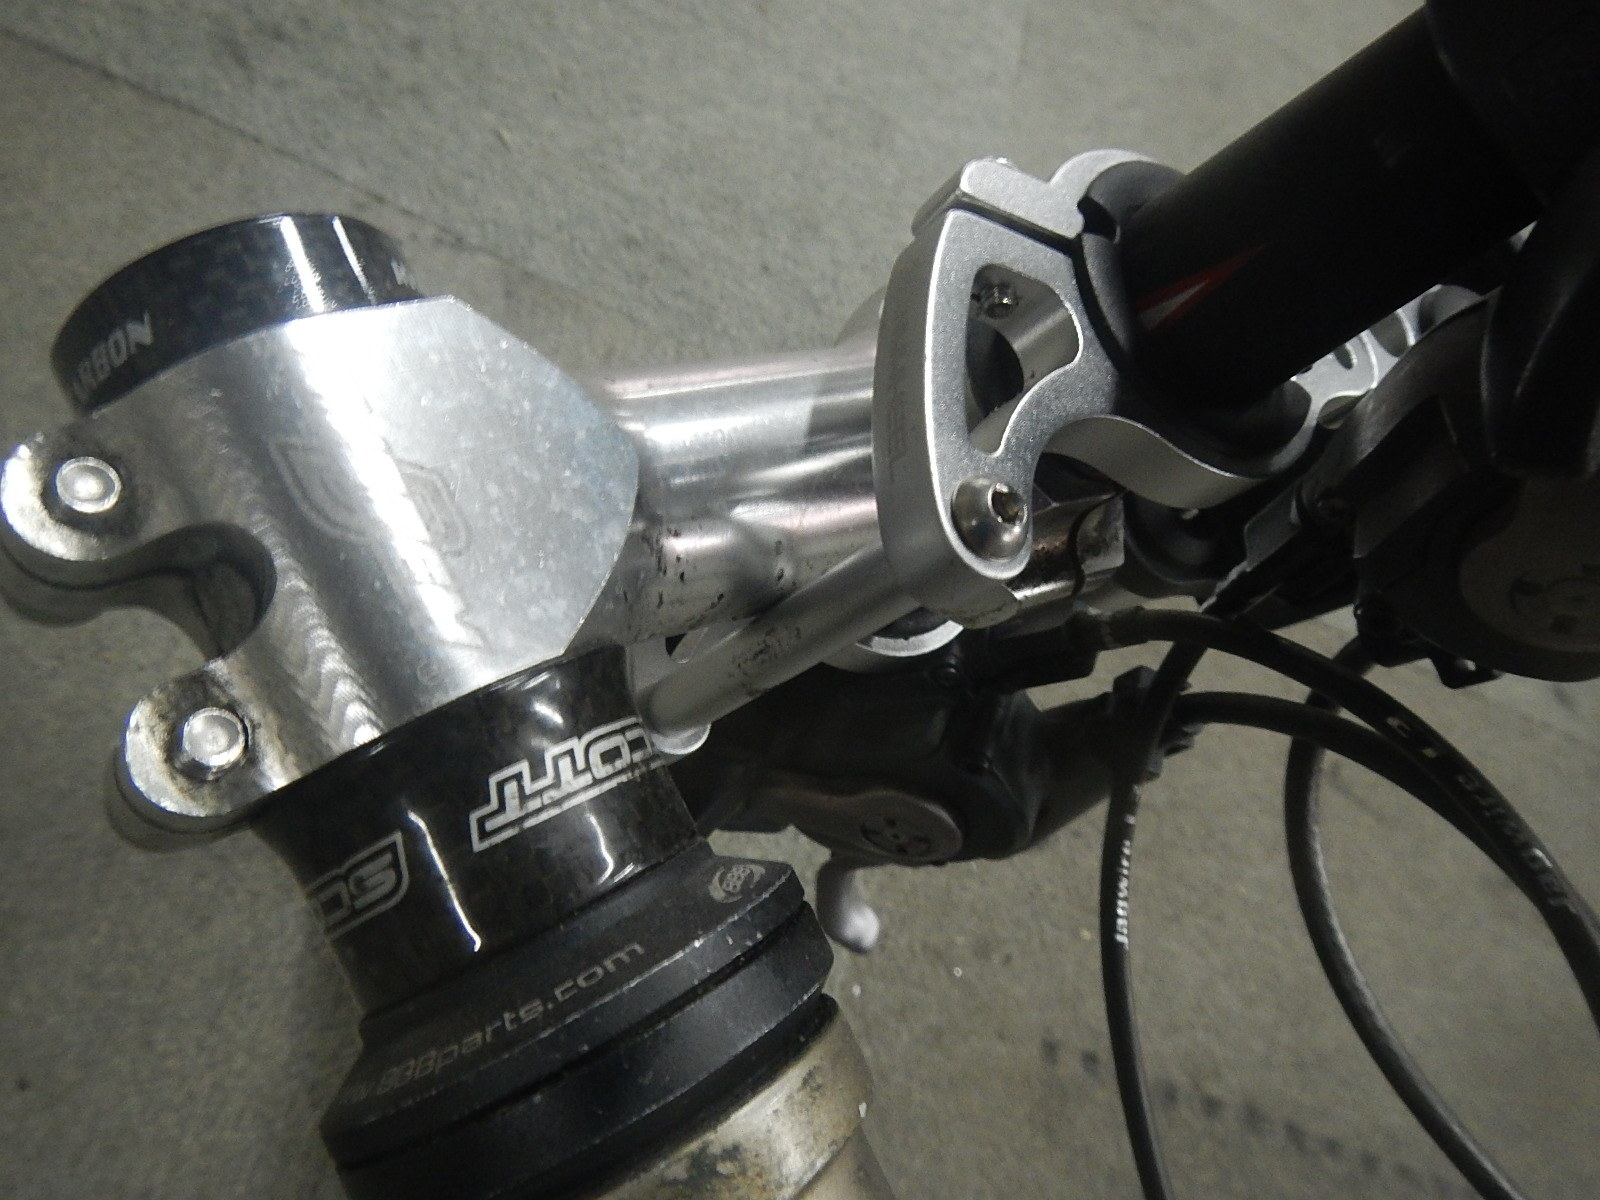 最強のアルミバイクに乗る 番外編①_a0386742_14502565.jpg